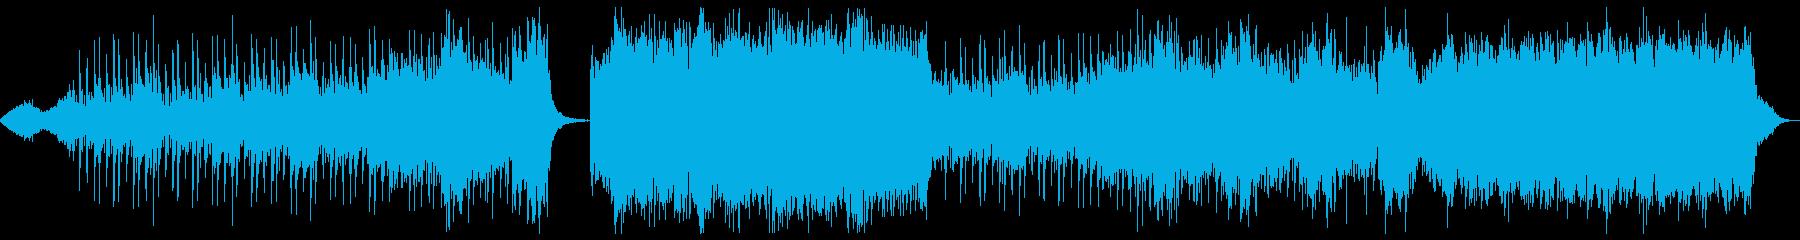 【メロディ・リズム抜き】ピアノとパッド…の再生済みの波形